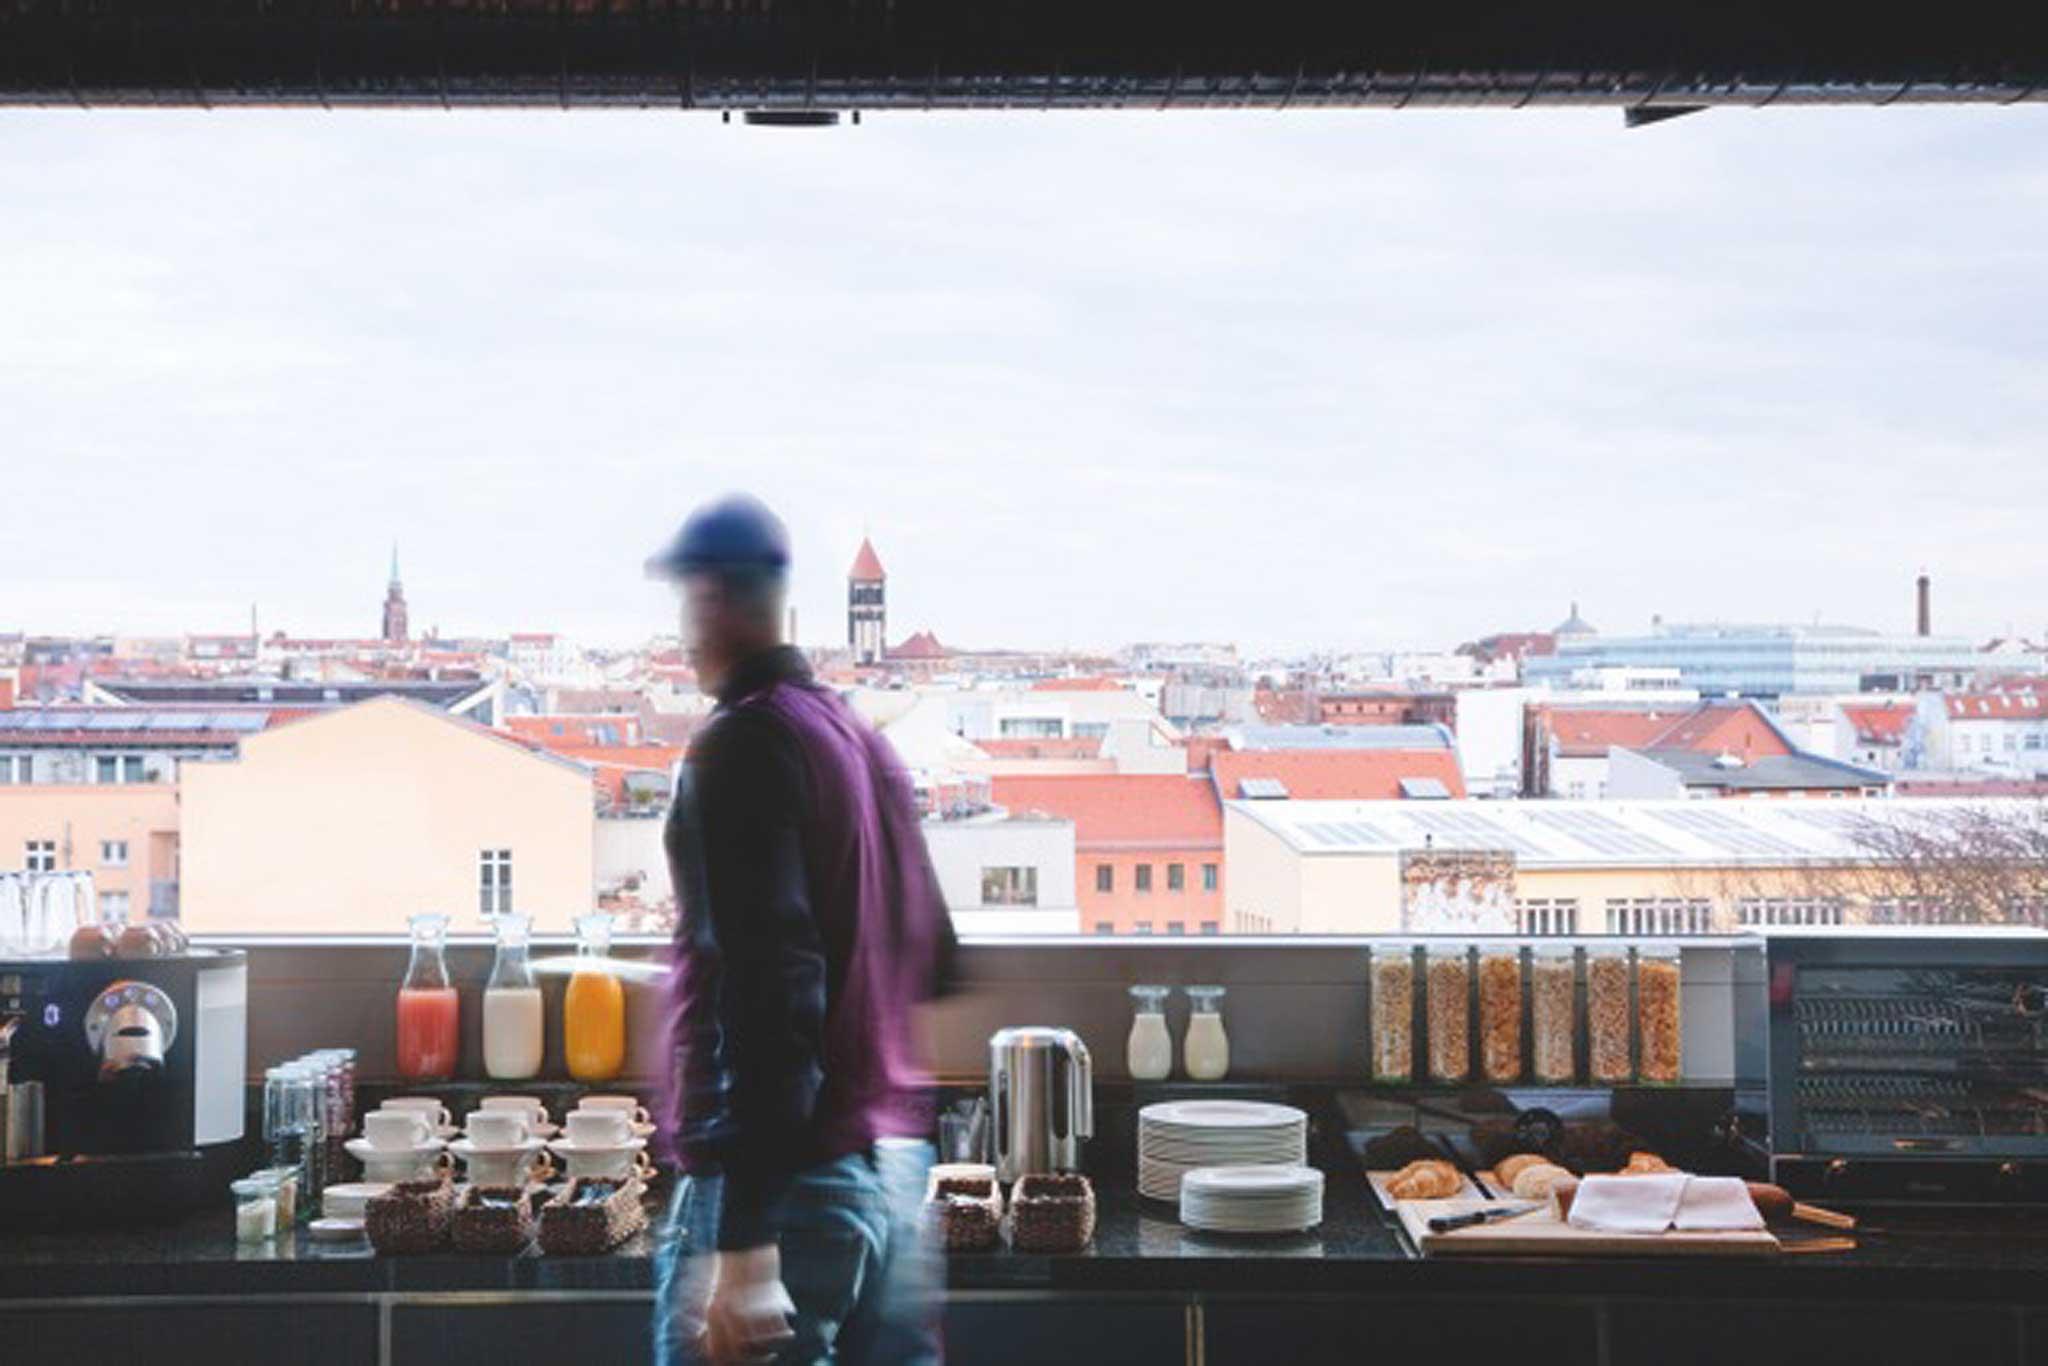 Die Snackbar Tentempié bietet ein Leben wie in einer Wohngemeinschaft.